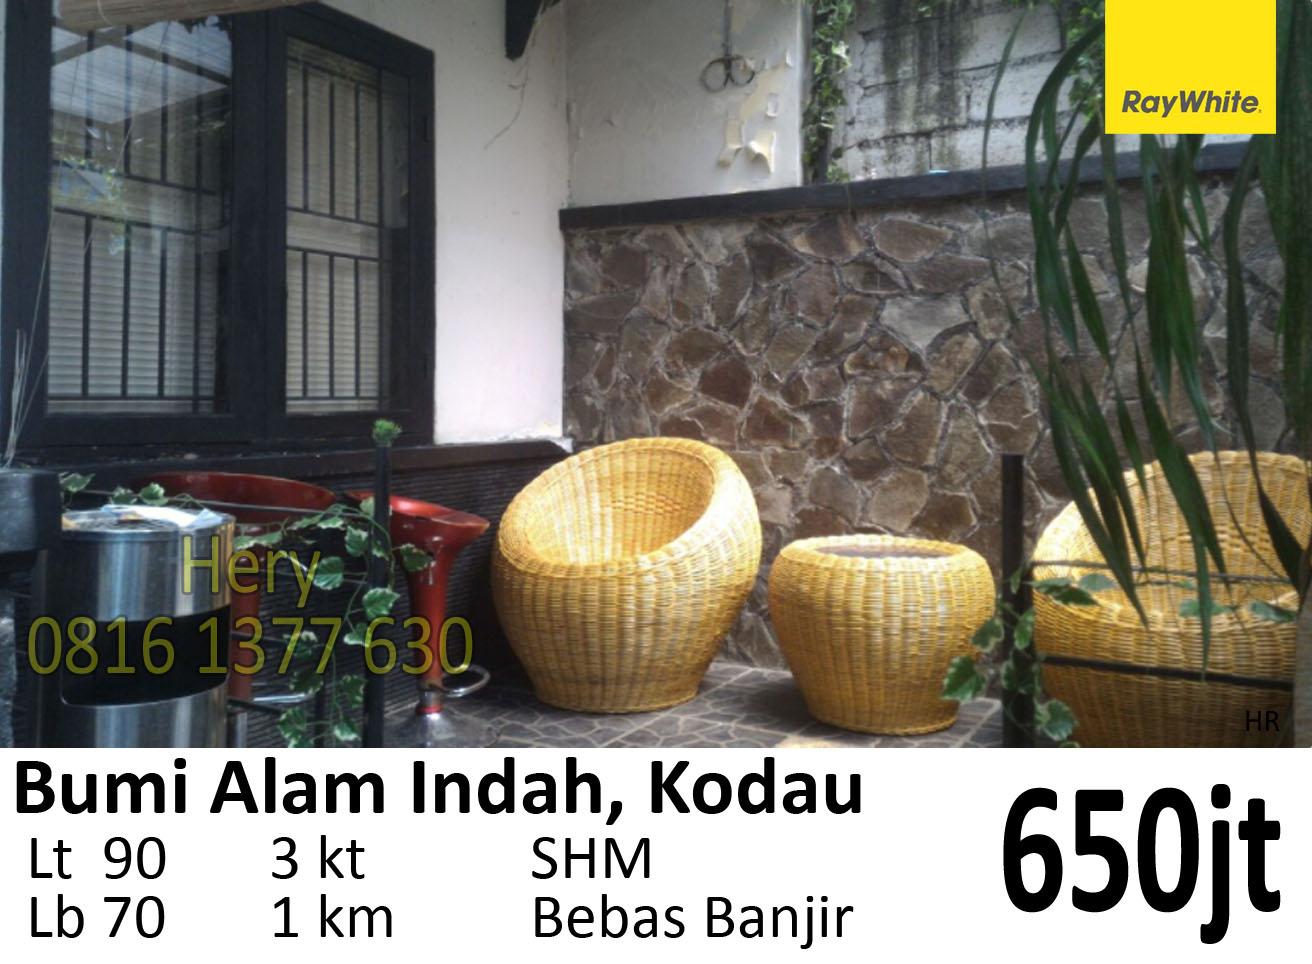 Dijual Rumah Nyaman Siap Huni di Kodau Jatiasih Pondok Gede Bekasi